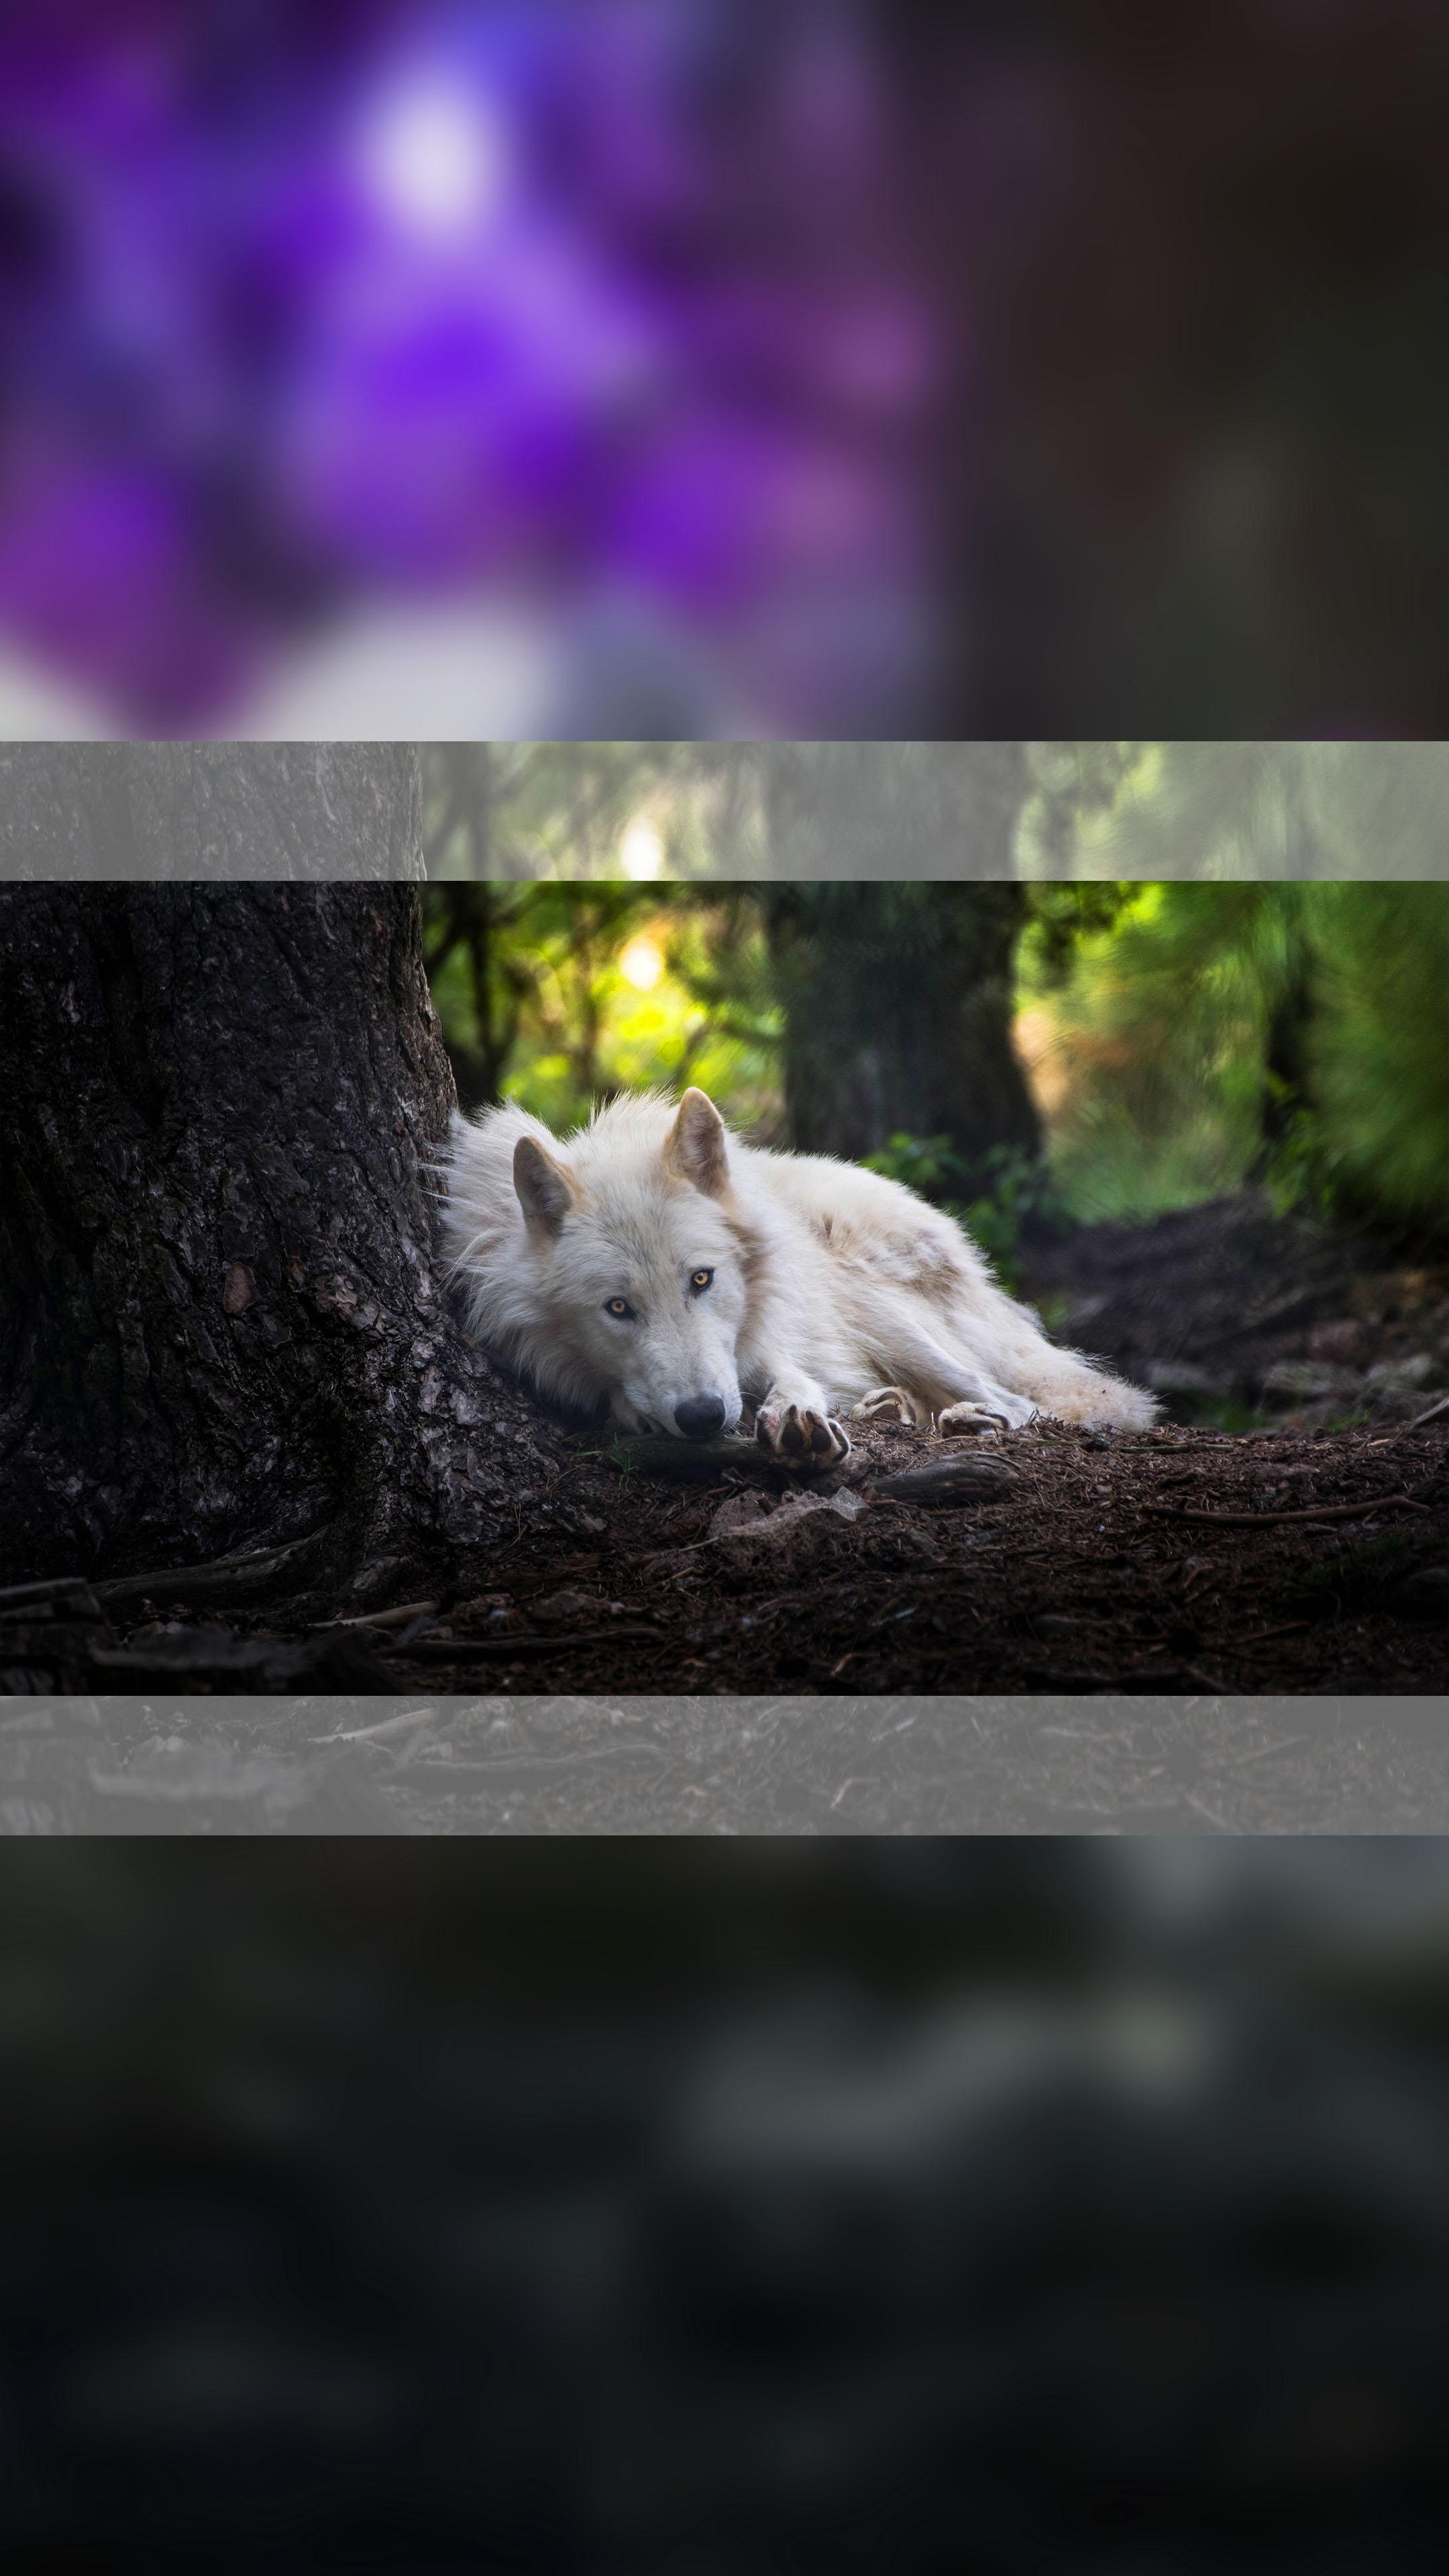 white_wolf_animals_mobile_wallpaper.jpg